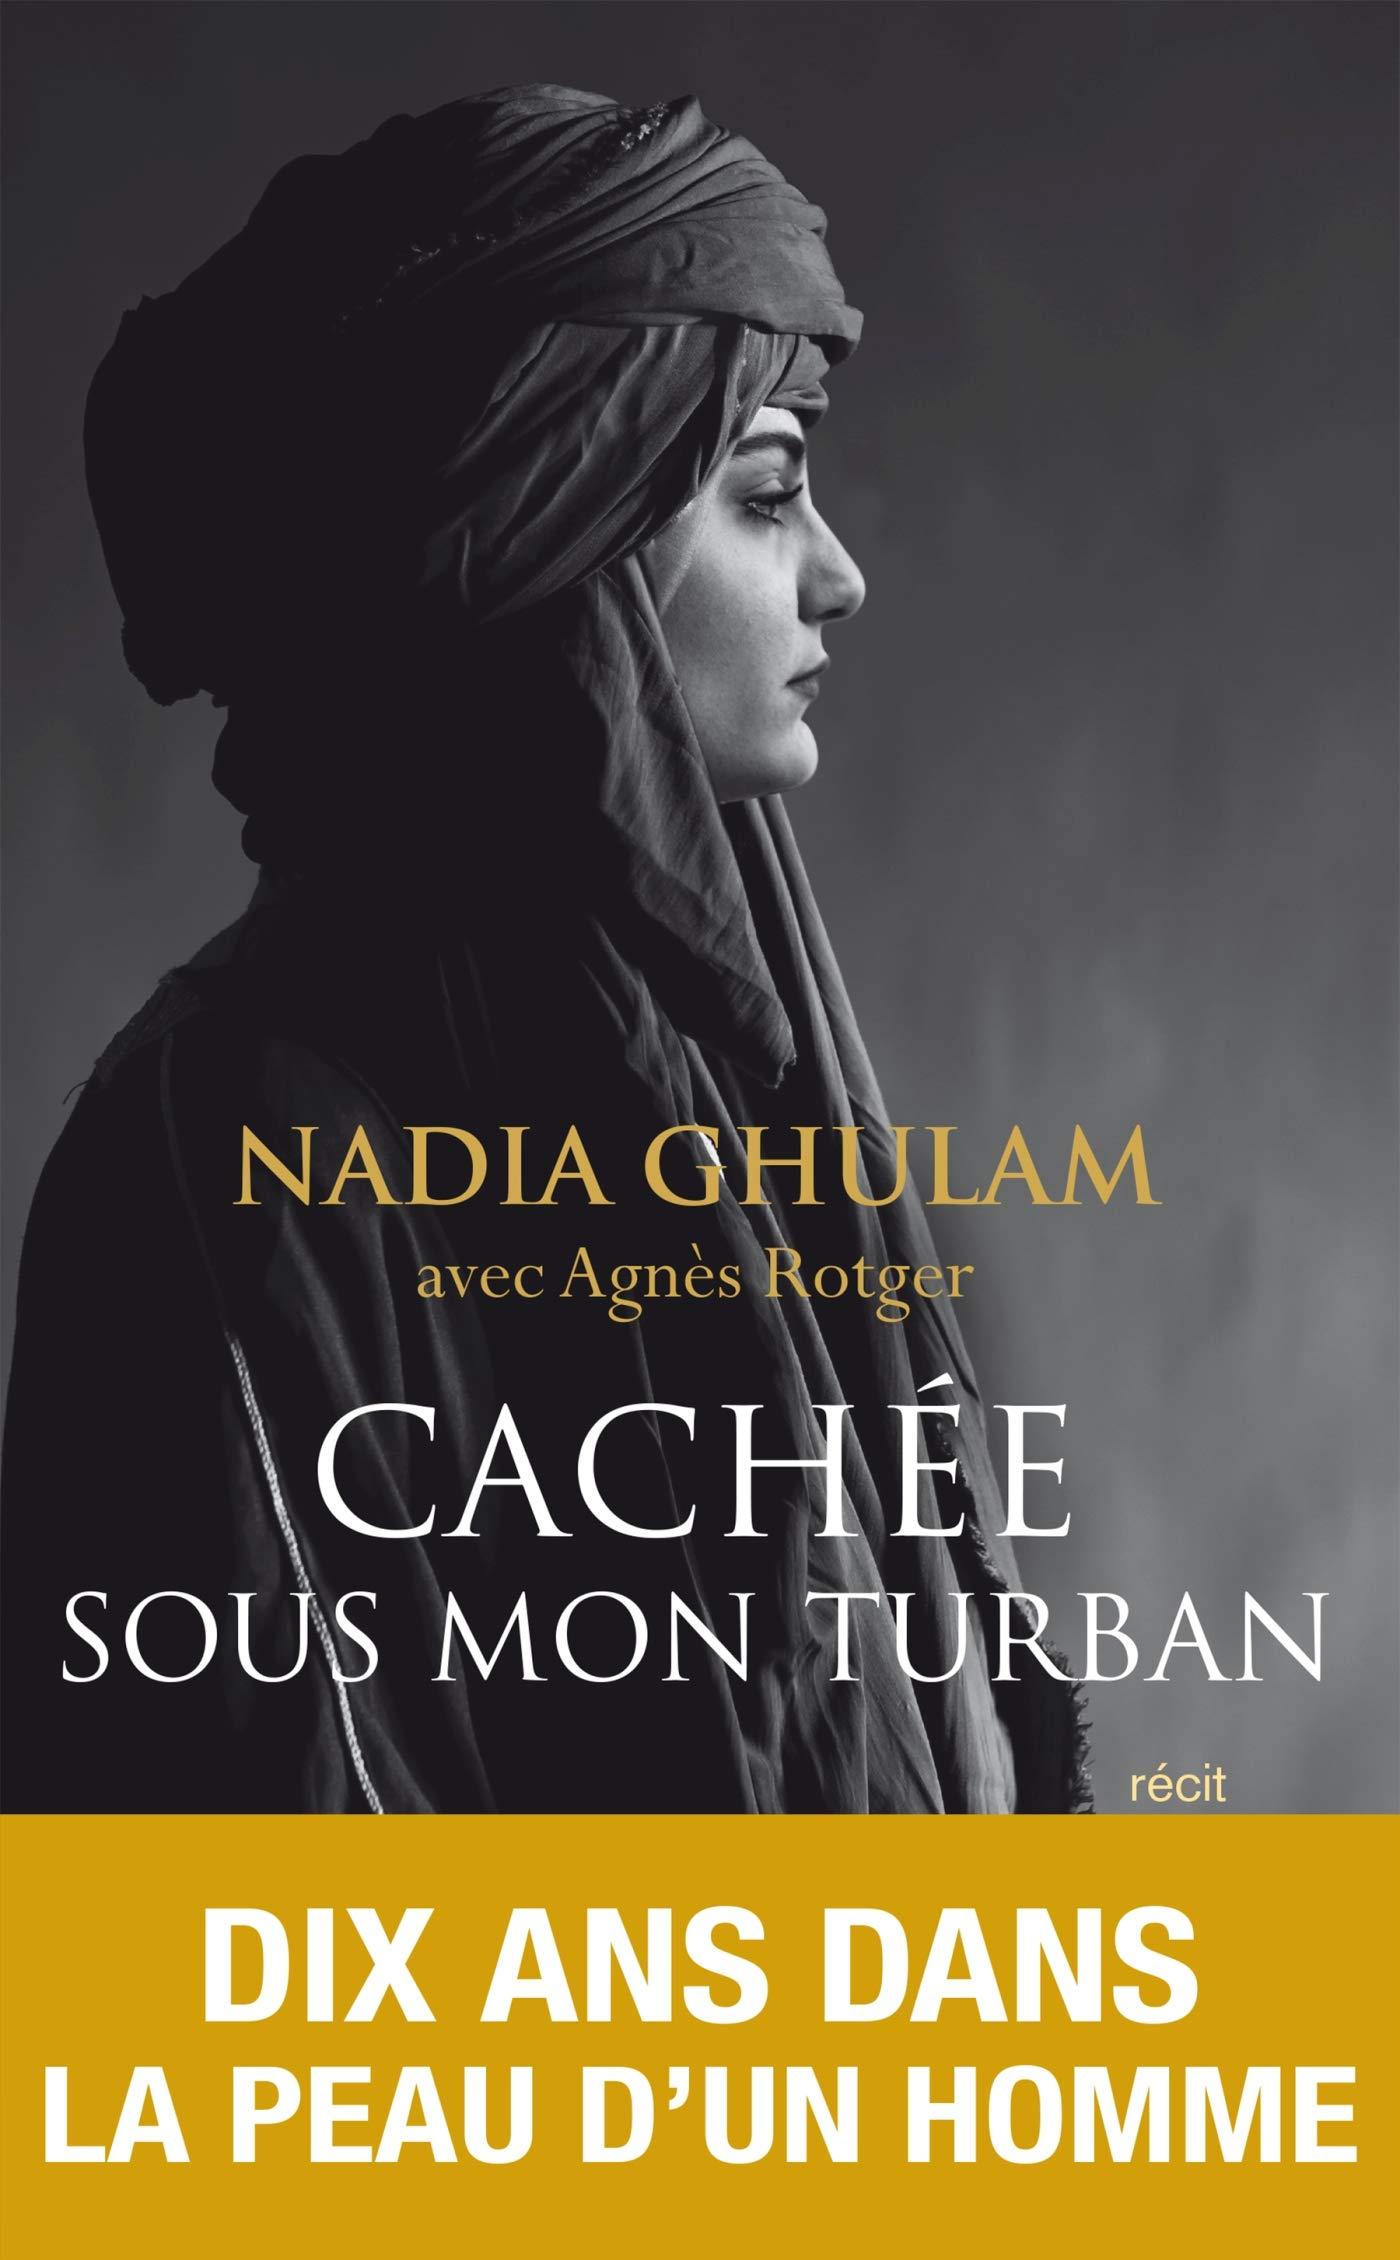 غلاف كتاب نادية